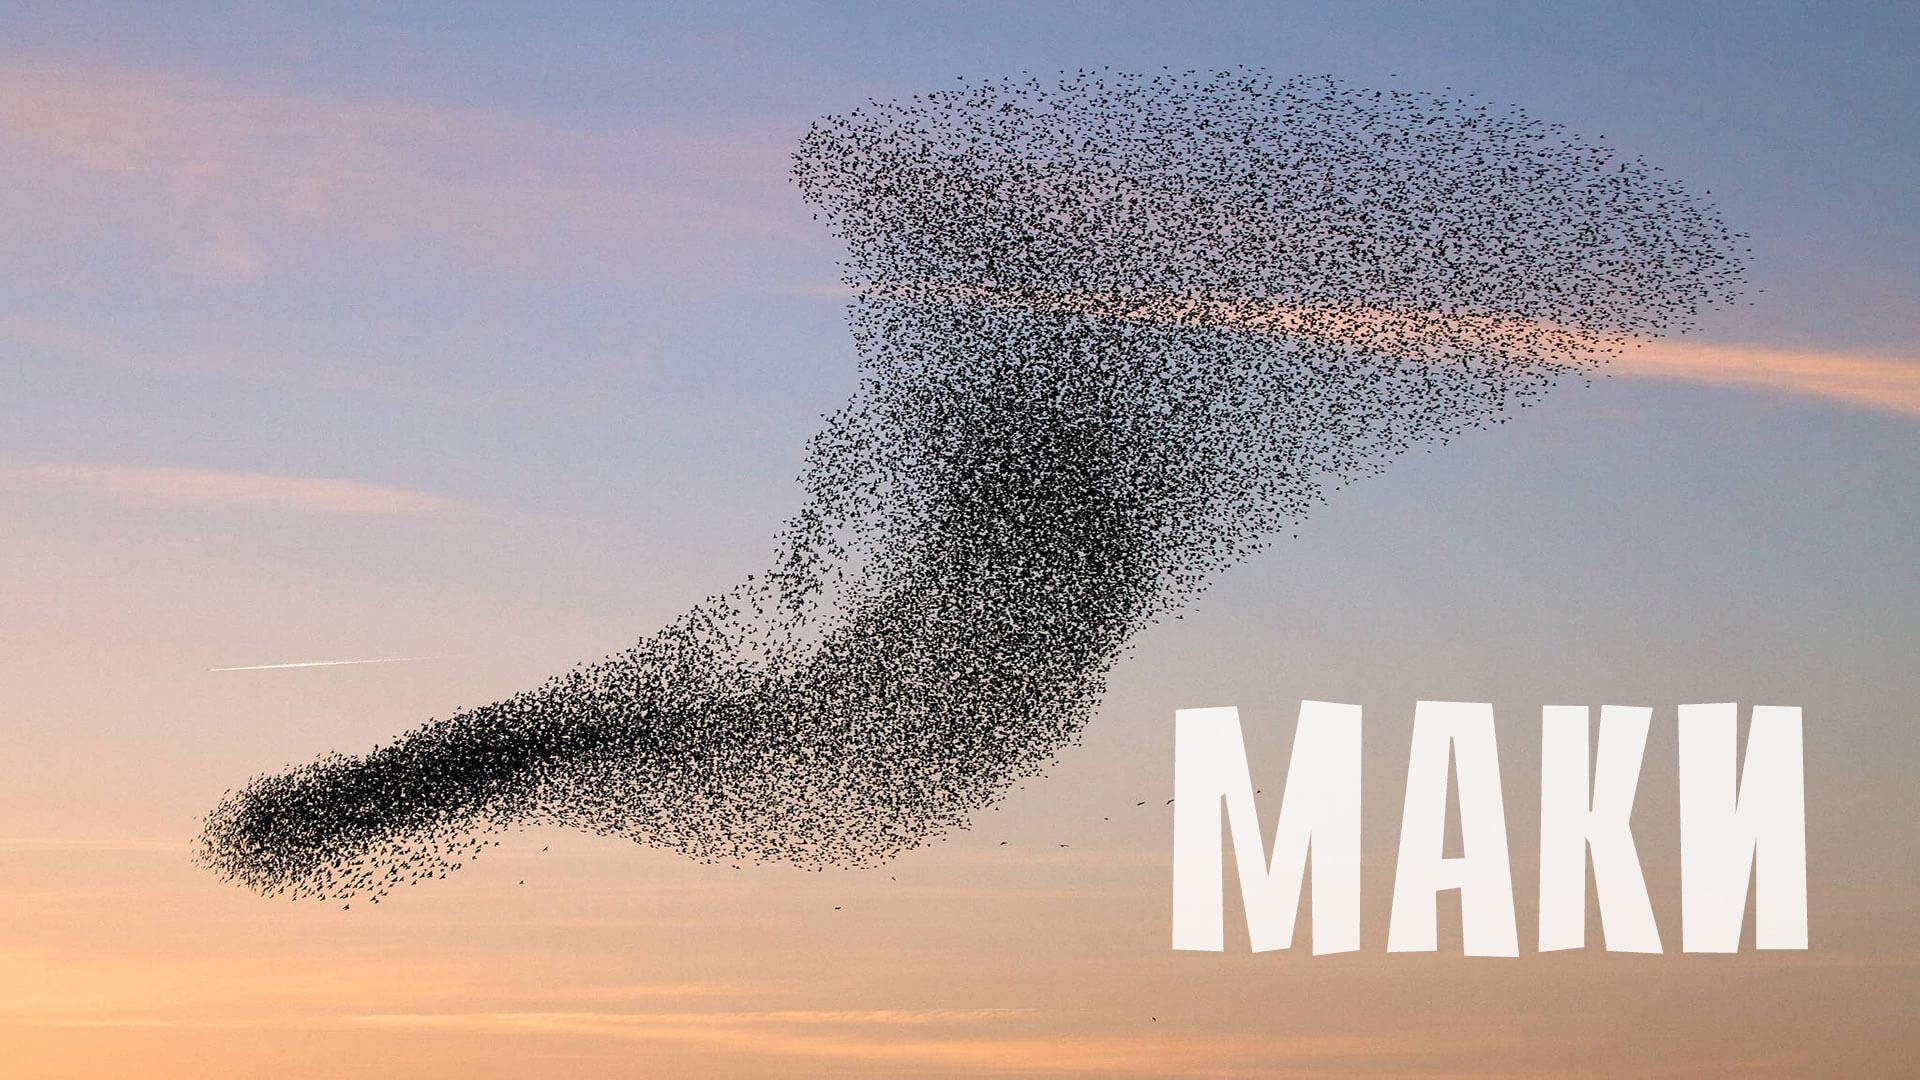 «Пролетая над гнездом кукушки» — несколько фактов о фильме столетия